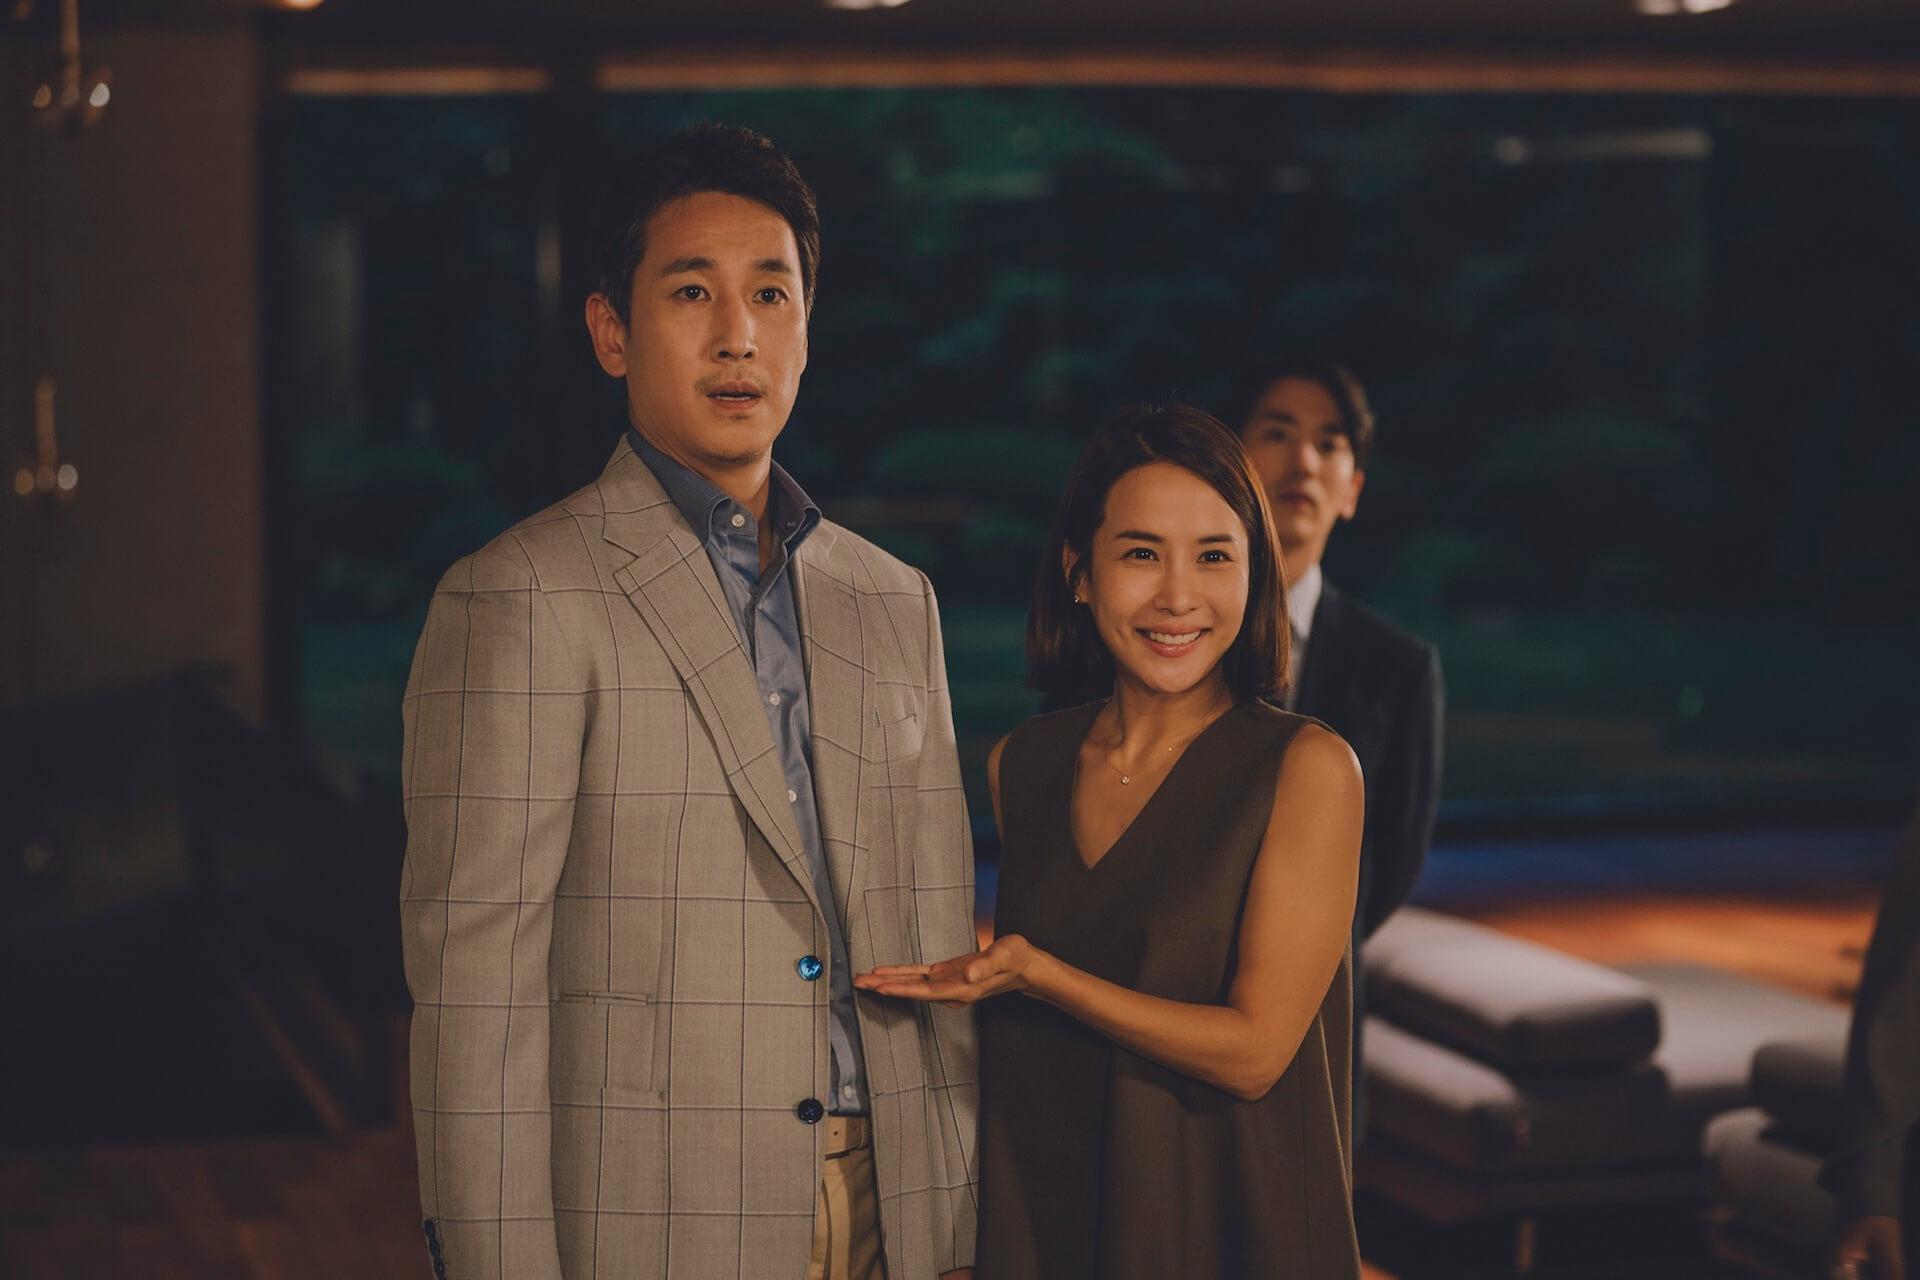 『パラサイト 半地下の家族』韓国映画史上初の快挙!アカデミー賞作品賞含む6部門にノミネート film200114_parasite_3